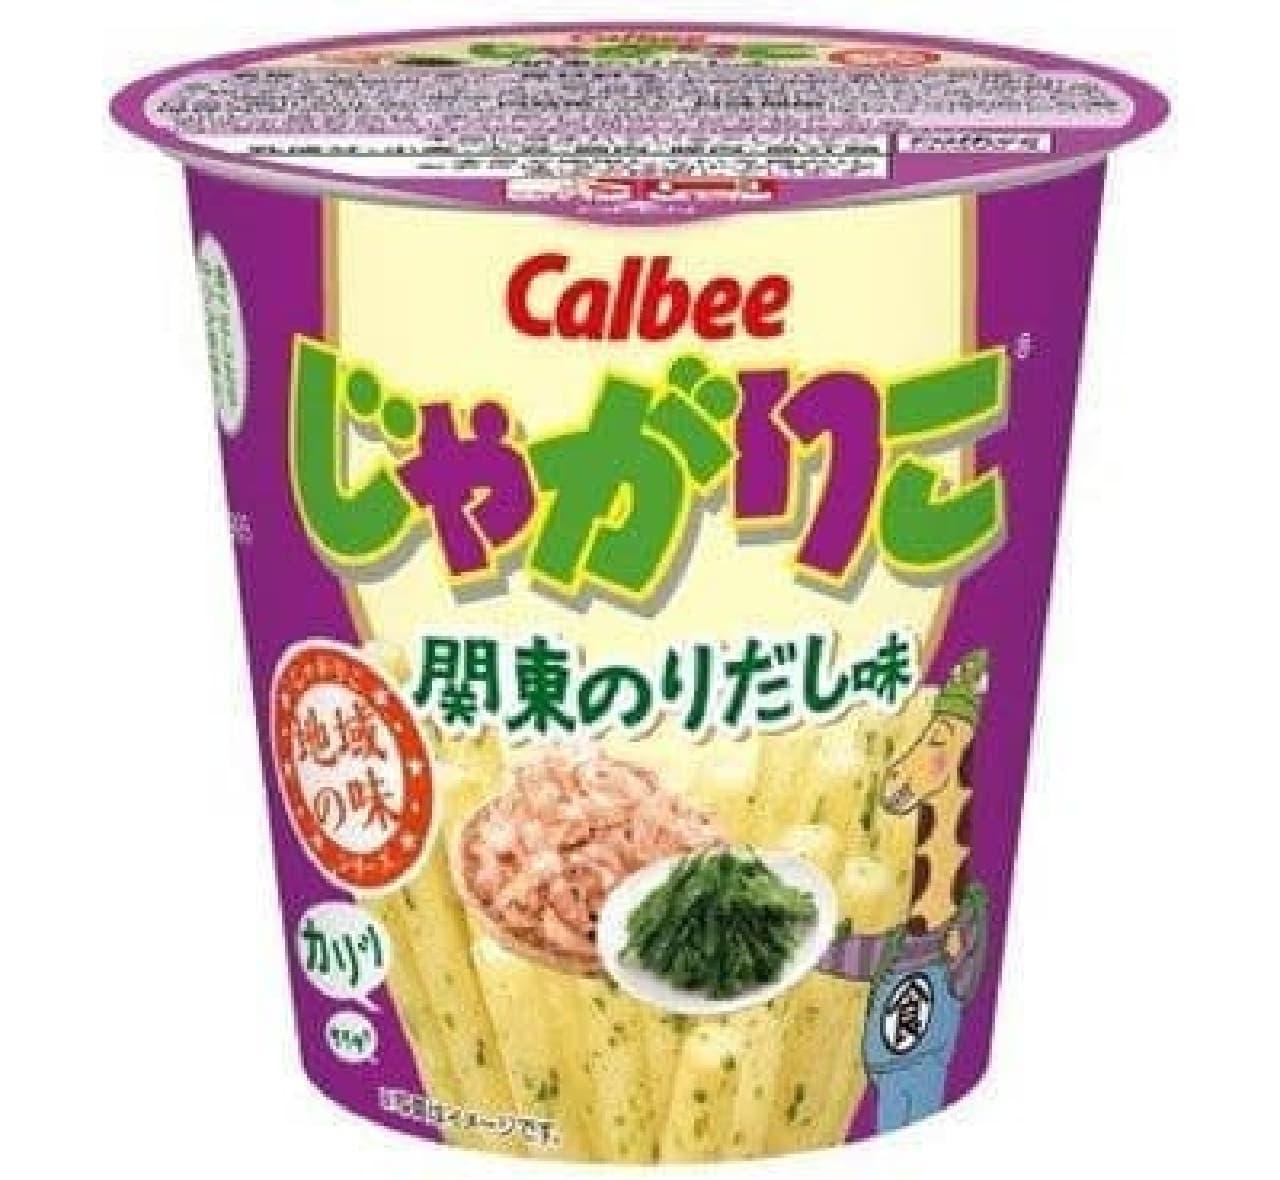 「じゃがりこ関東のりだし味」は、関東風のだしの味わいでのりの風味を引き立てたじゃがりこ